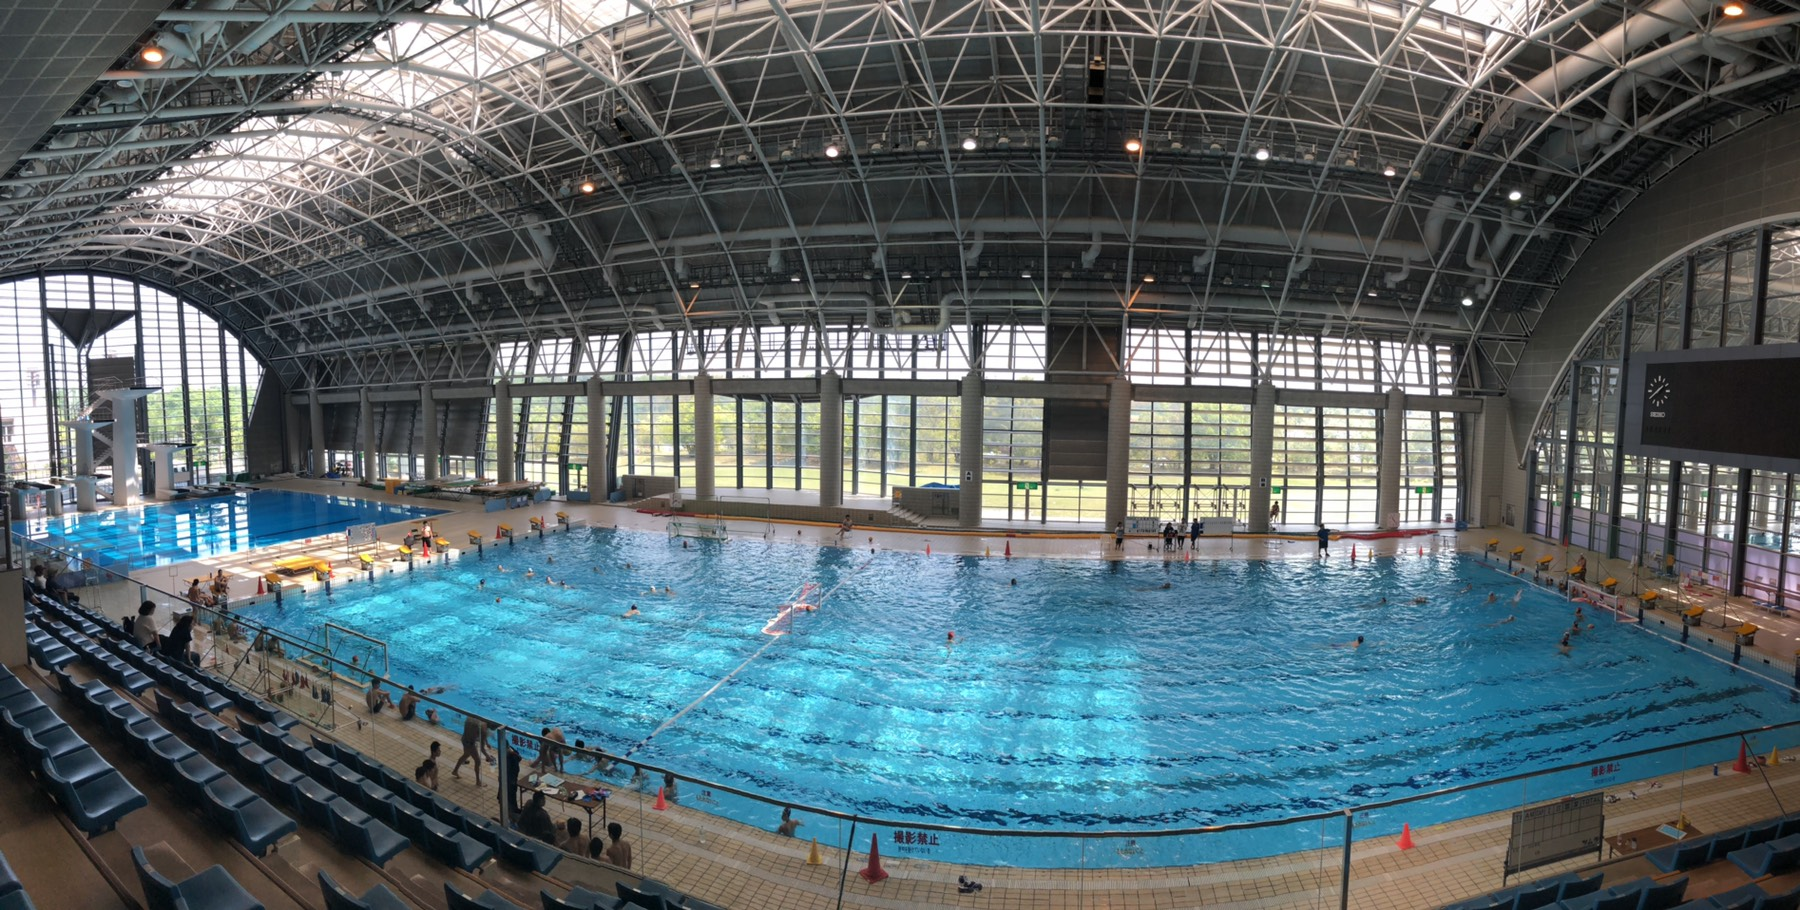 四日市中央工業高校、水球部にて全国優勝に向けてのメンタルトレーニングを行いました。